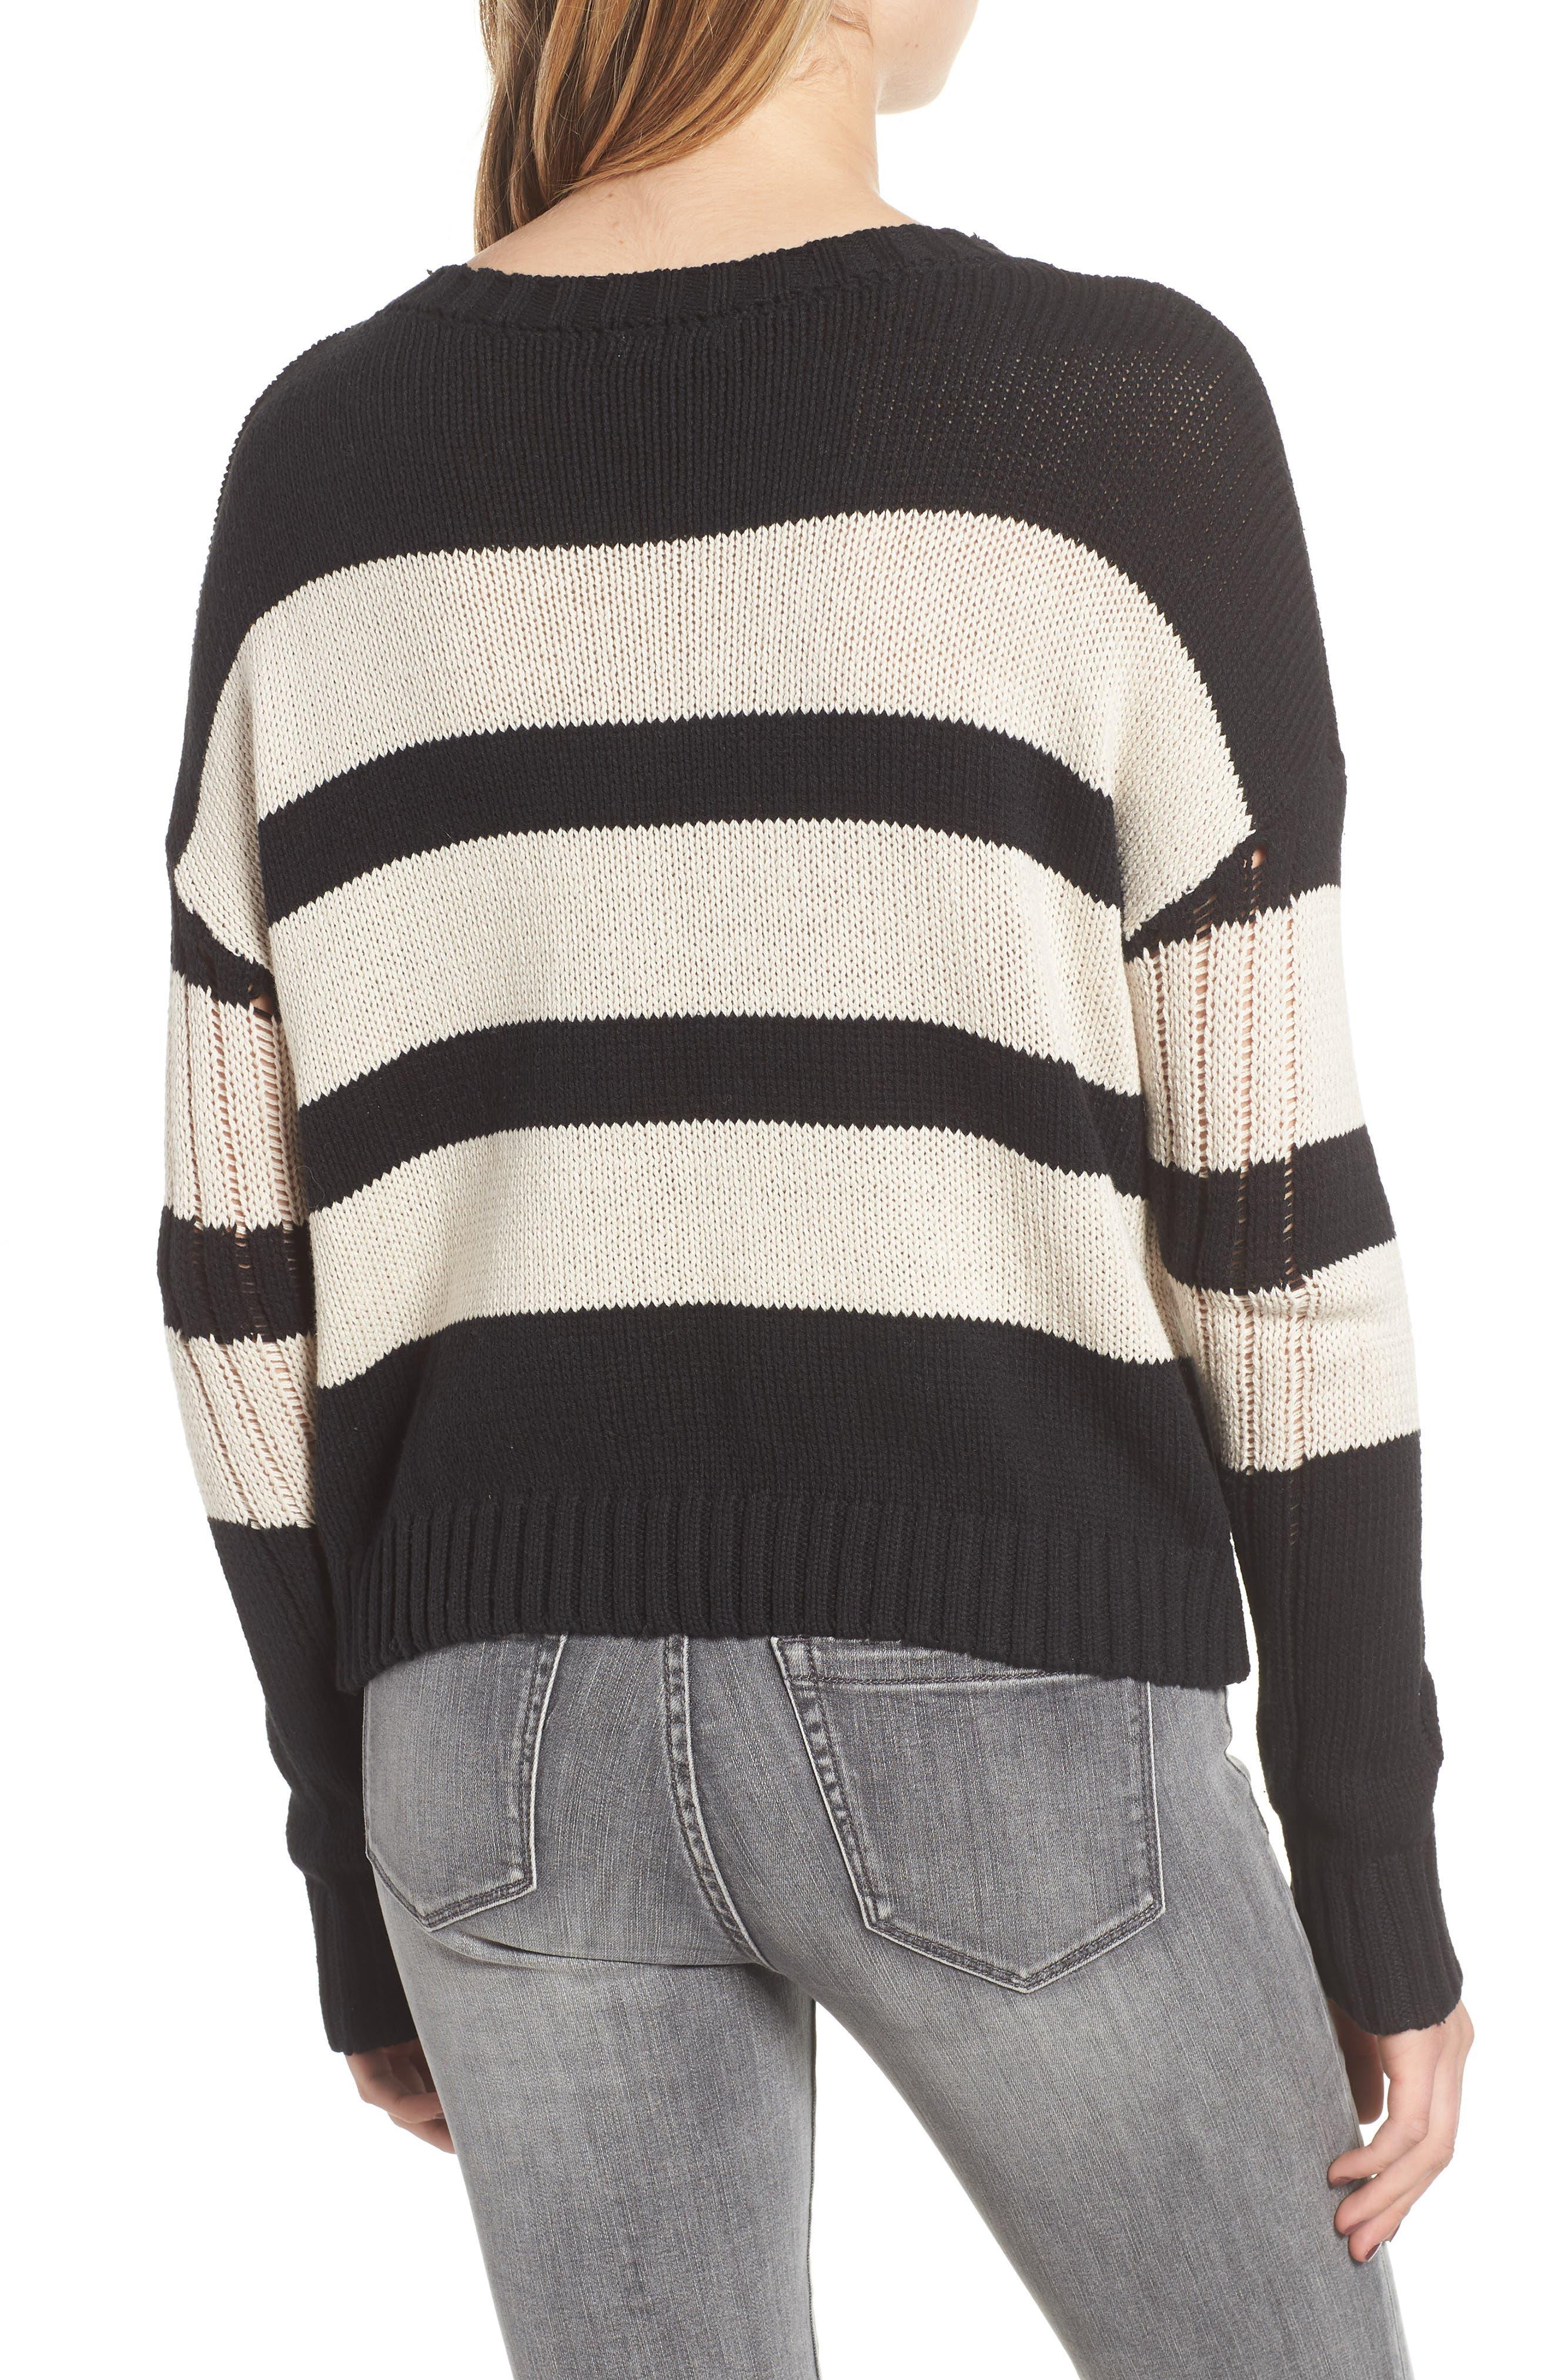 Tia Sweater,                             Alternate thumbnail 2, color,                             BLACK TAN STRIPE